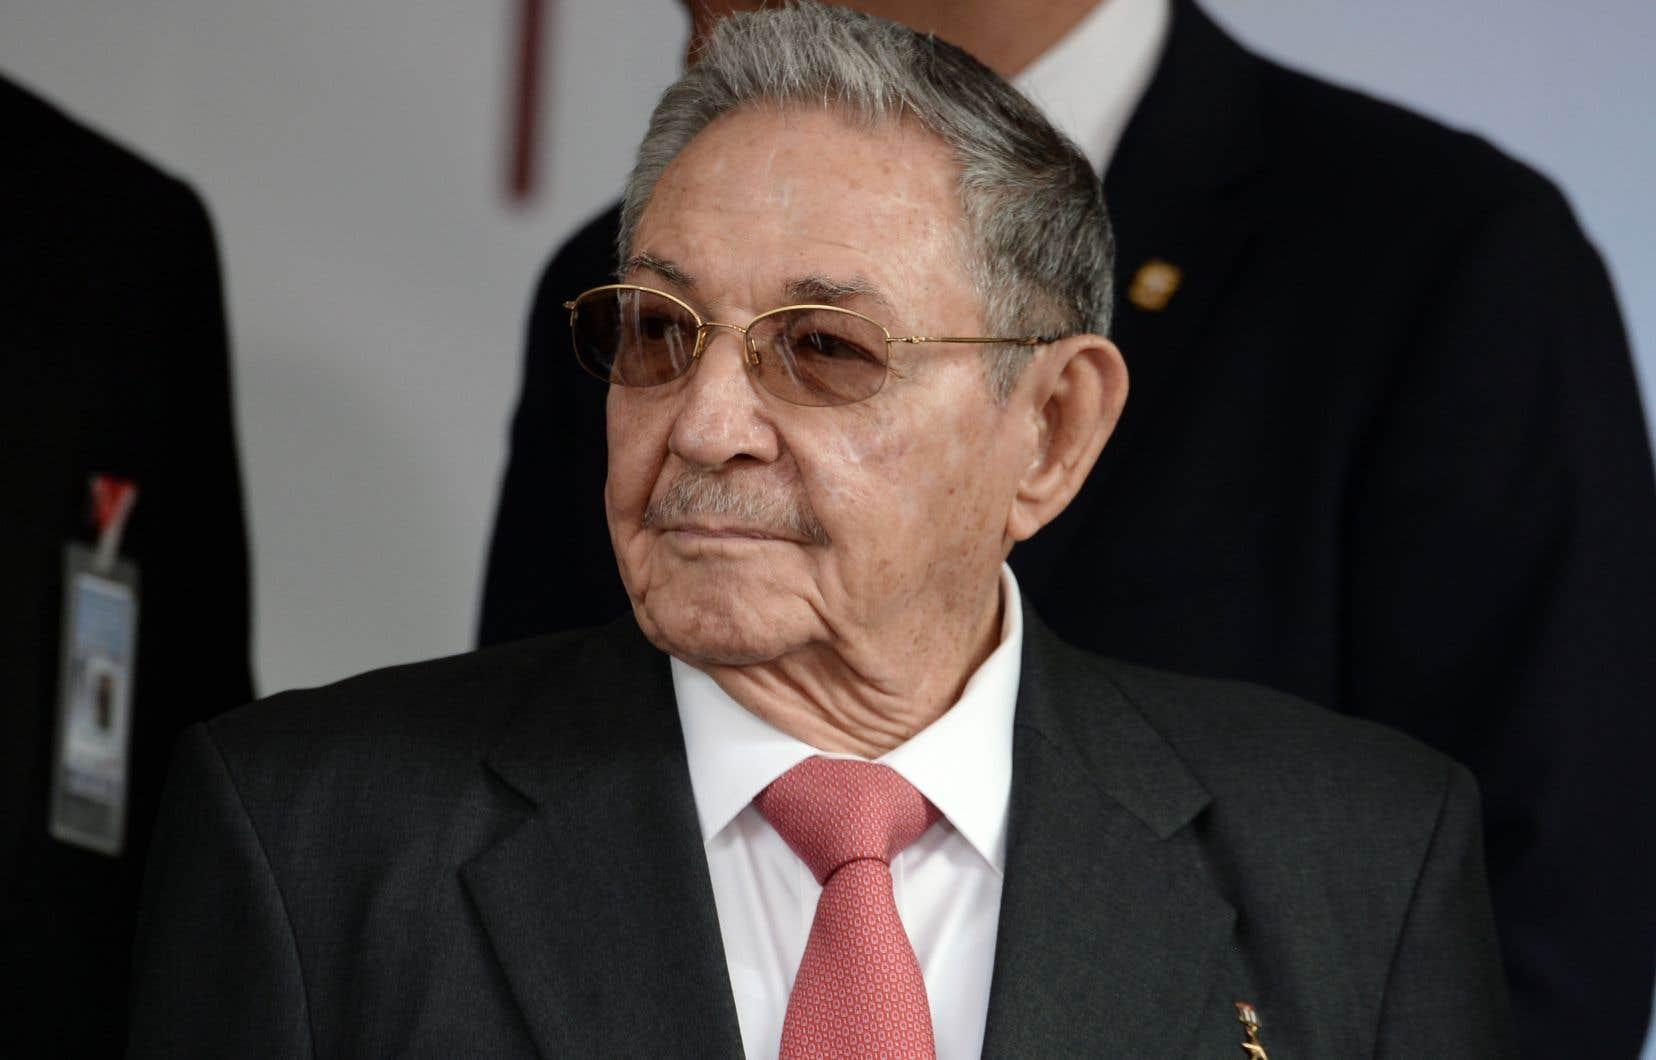 Raúl Castro, qui doit quitter le pouvoir le mois prochain, a mené depuis sept ans une série de réformes visant à «actualiser» un modèle économique obsolète calqué sur le système soviétique.